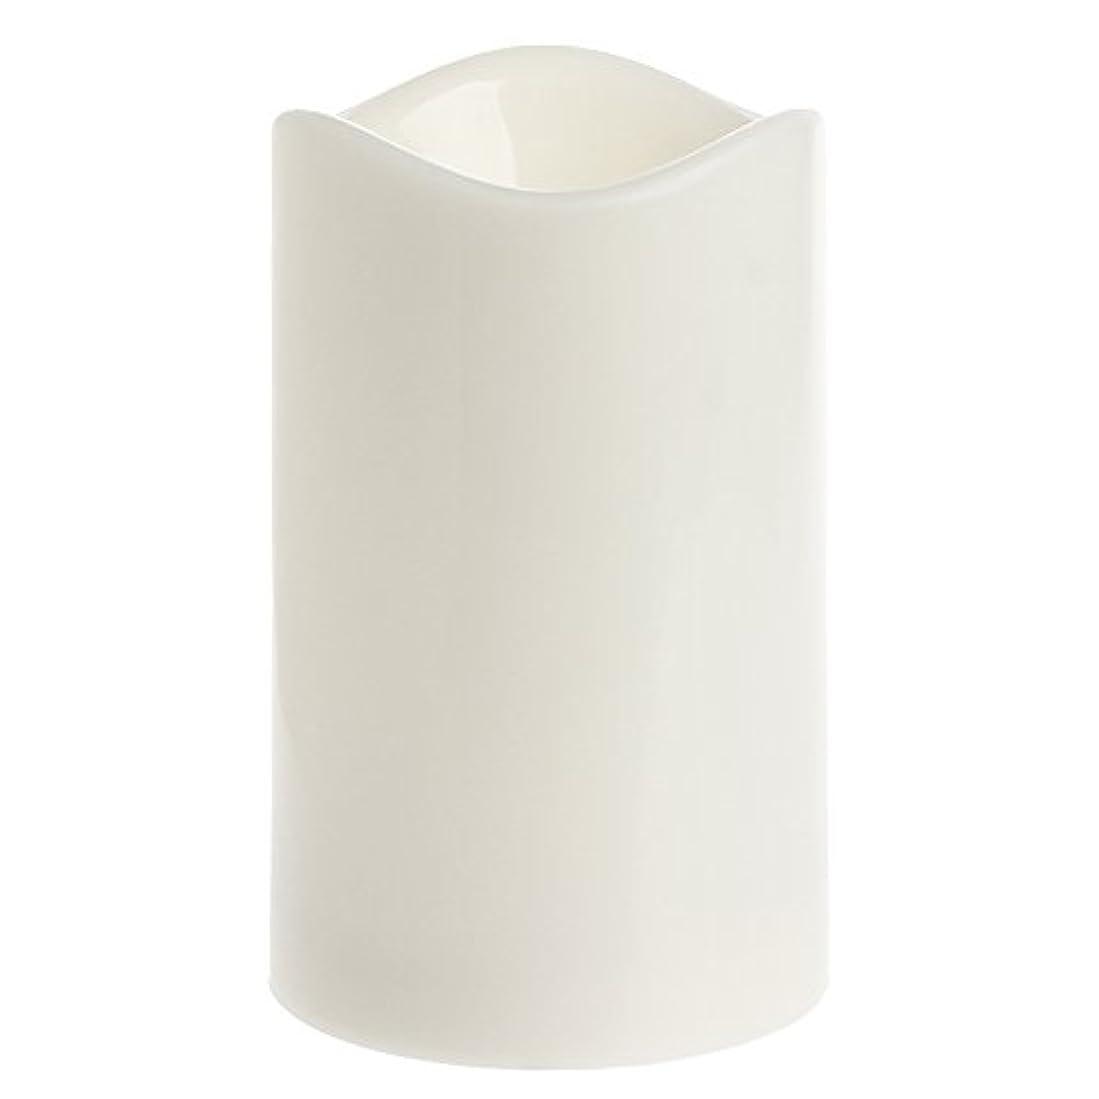 バンク旅行代理店スナッチSimpleLife ロマンチックなFlameless LED電子キャンドルライト結婚式の香りワックスホームインテリア15 * 7.5センチメートル